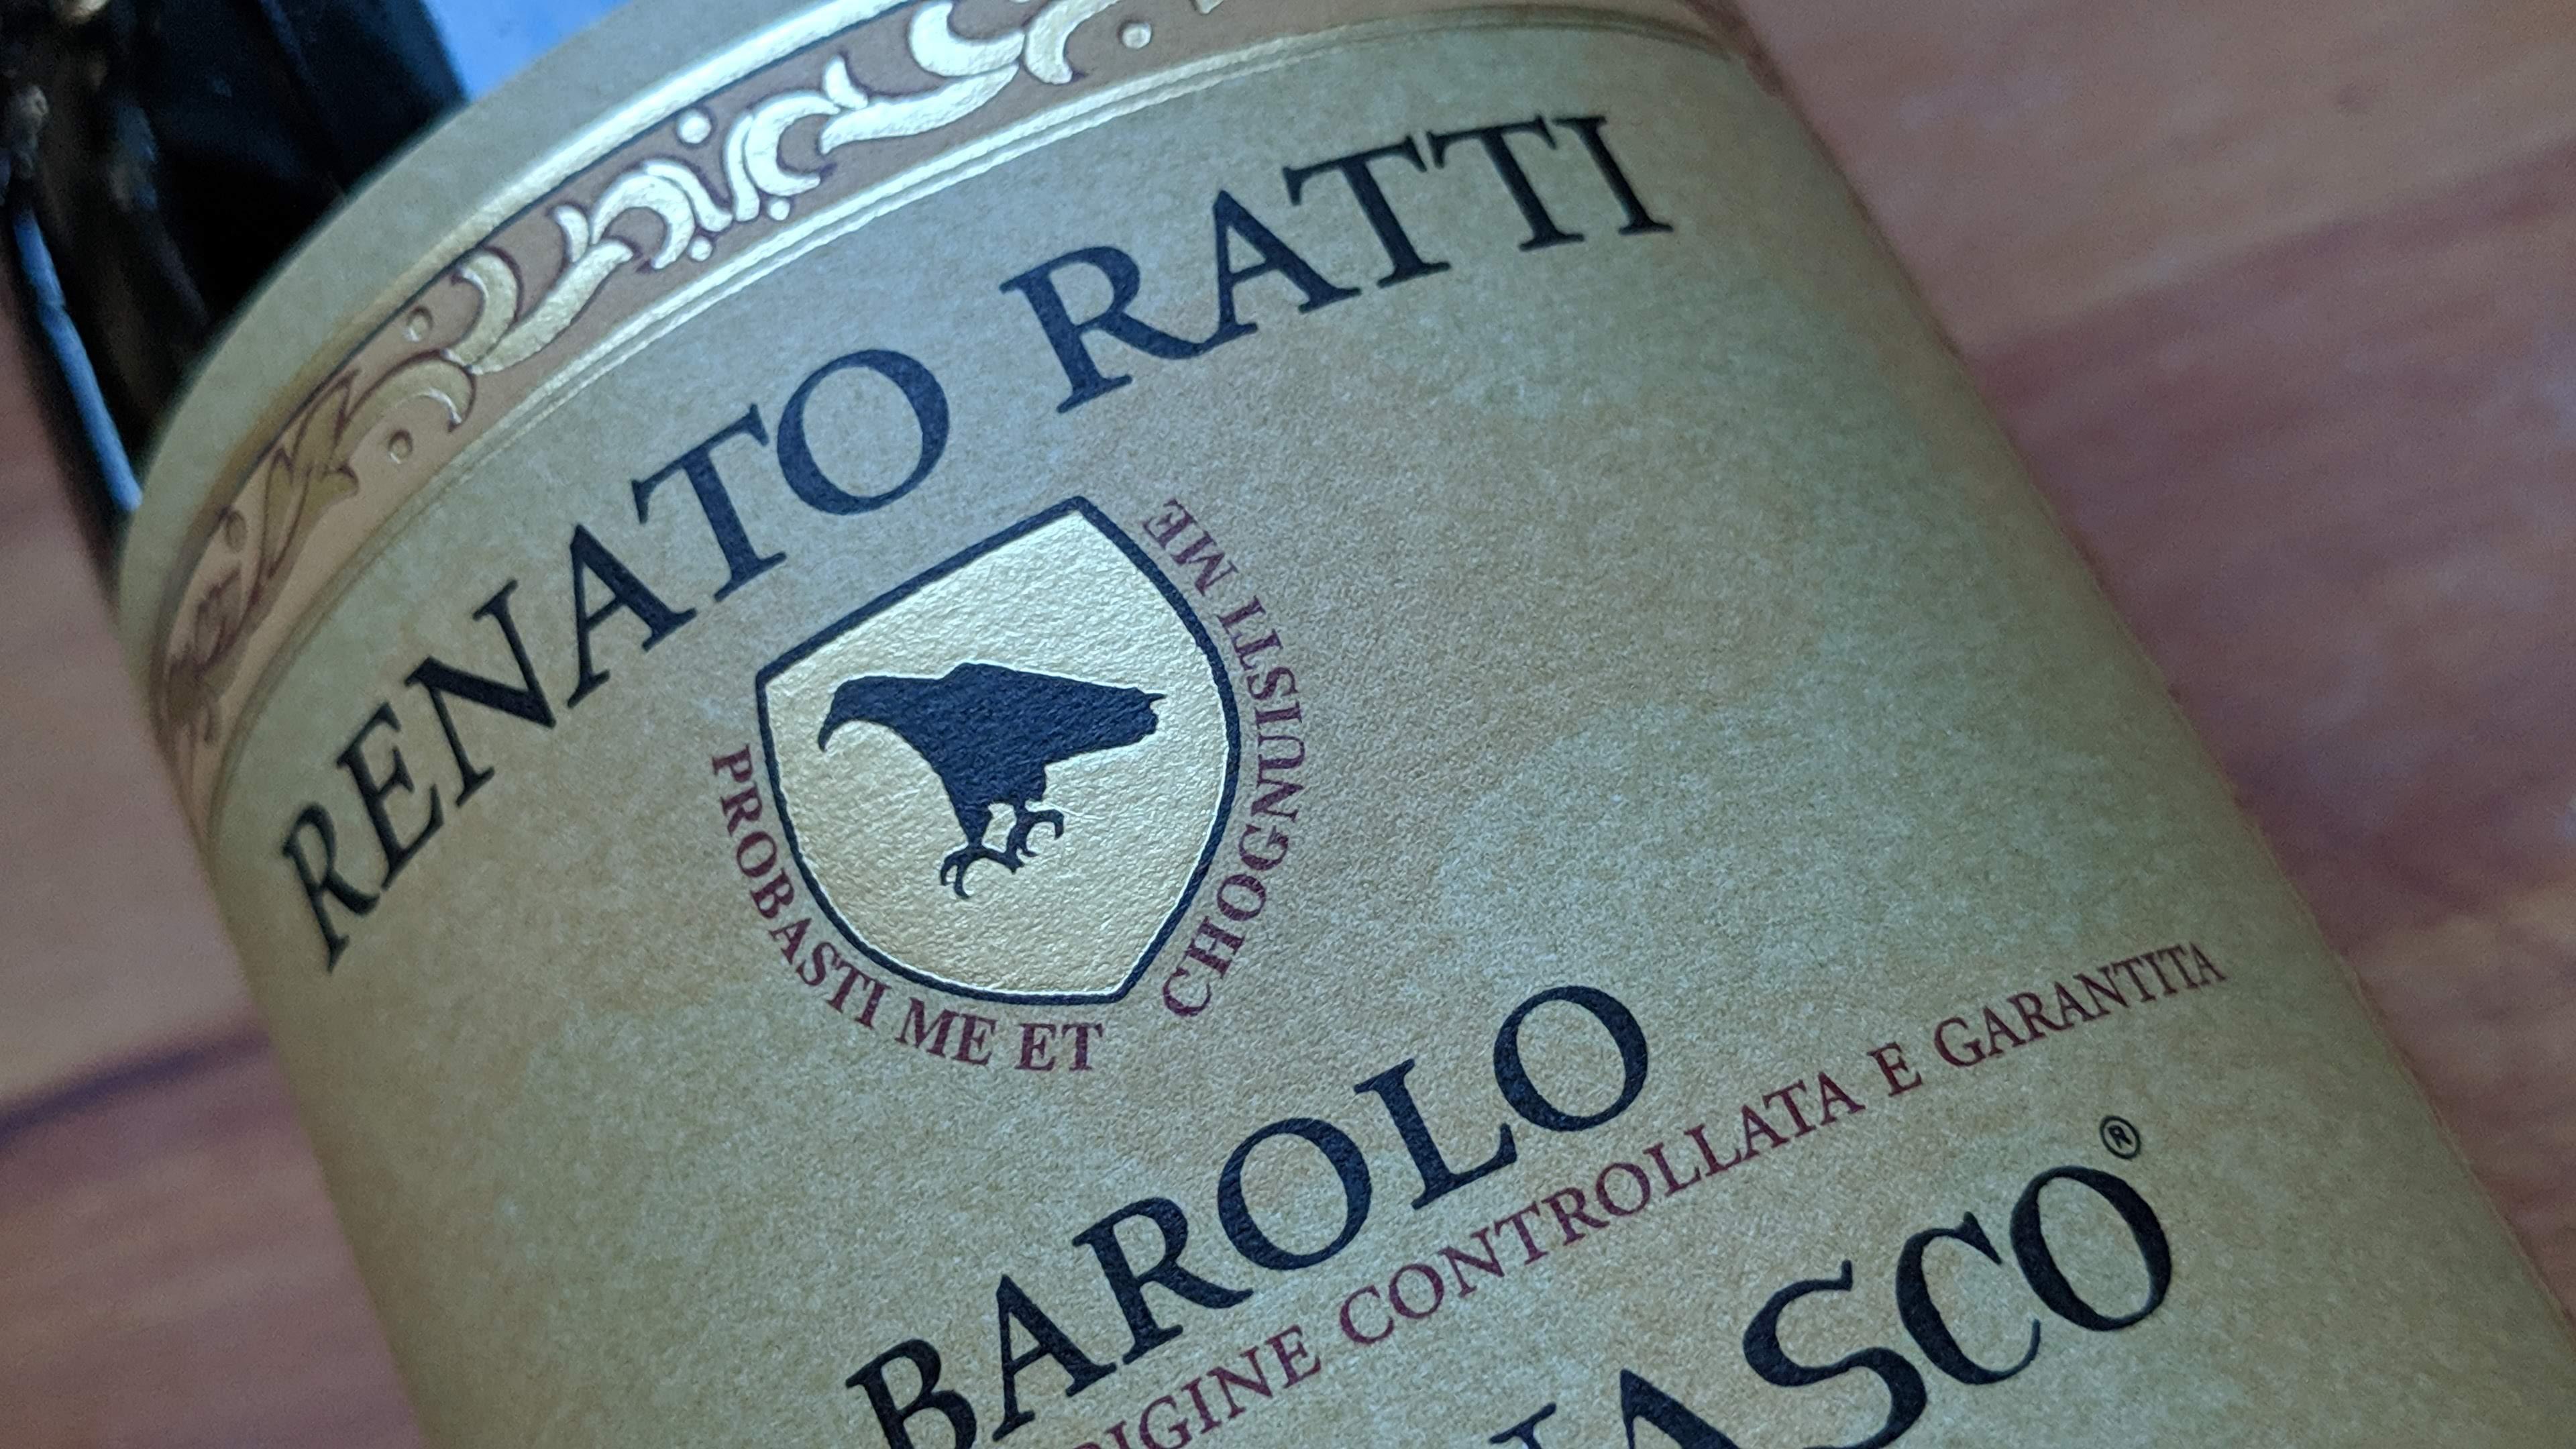 Renato Ratti Barolo Marcenasco, een top barolo getest en geproefd